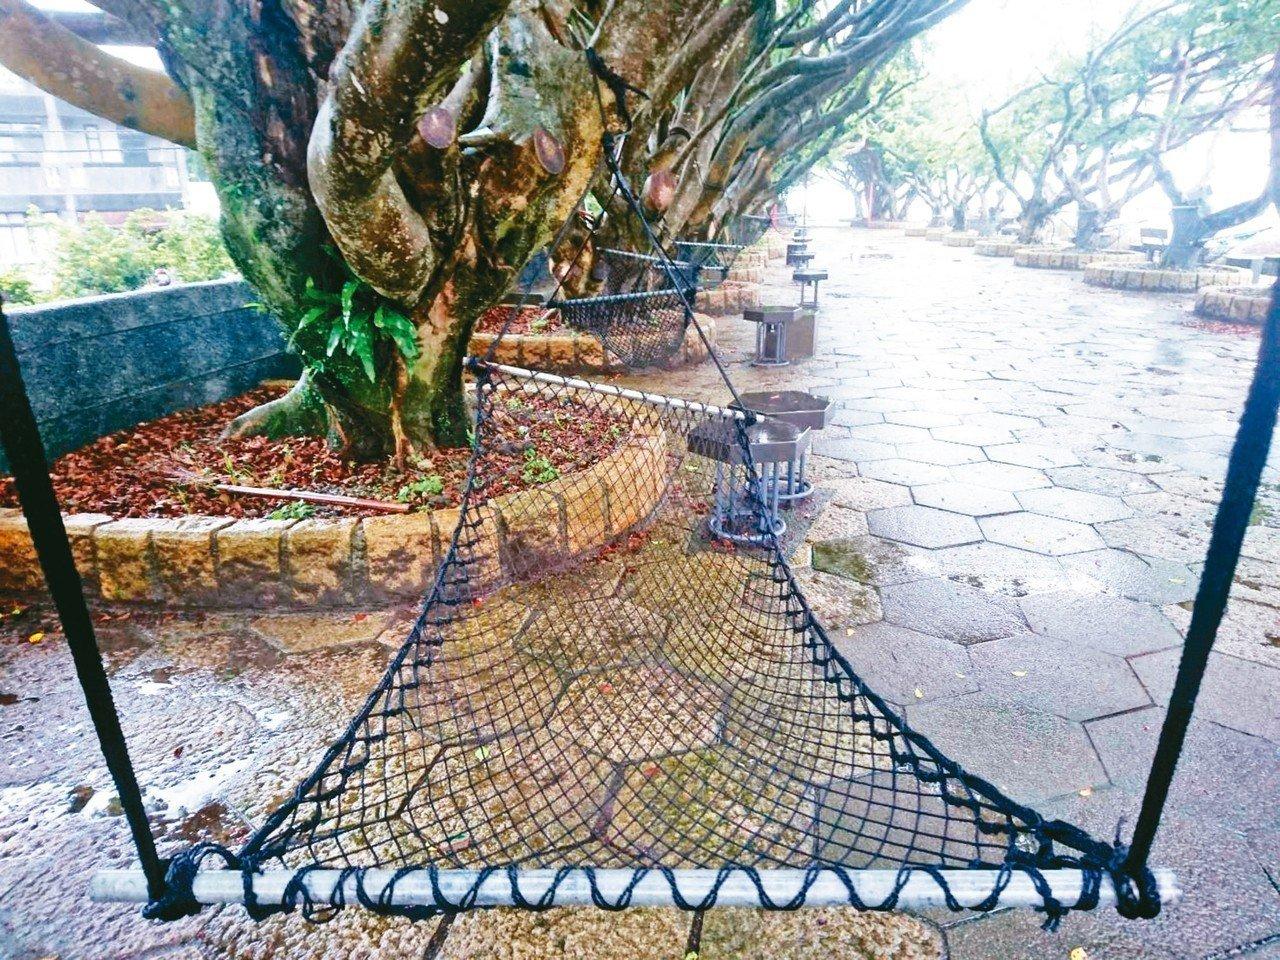 東港村榕樹公園,位在宜蘭河、蘭陽溪出海口岸,有漁村風情,還有「漁網吊床」乘涼尋夢...